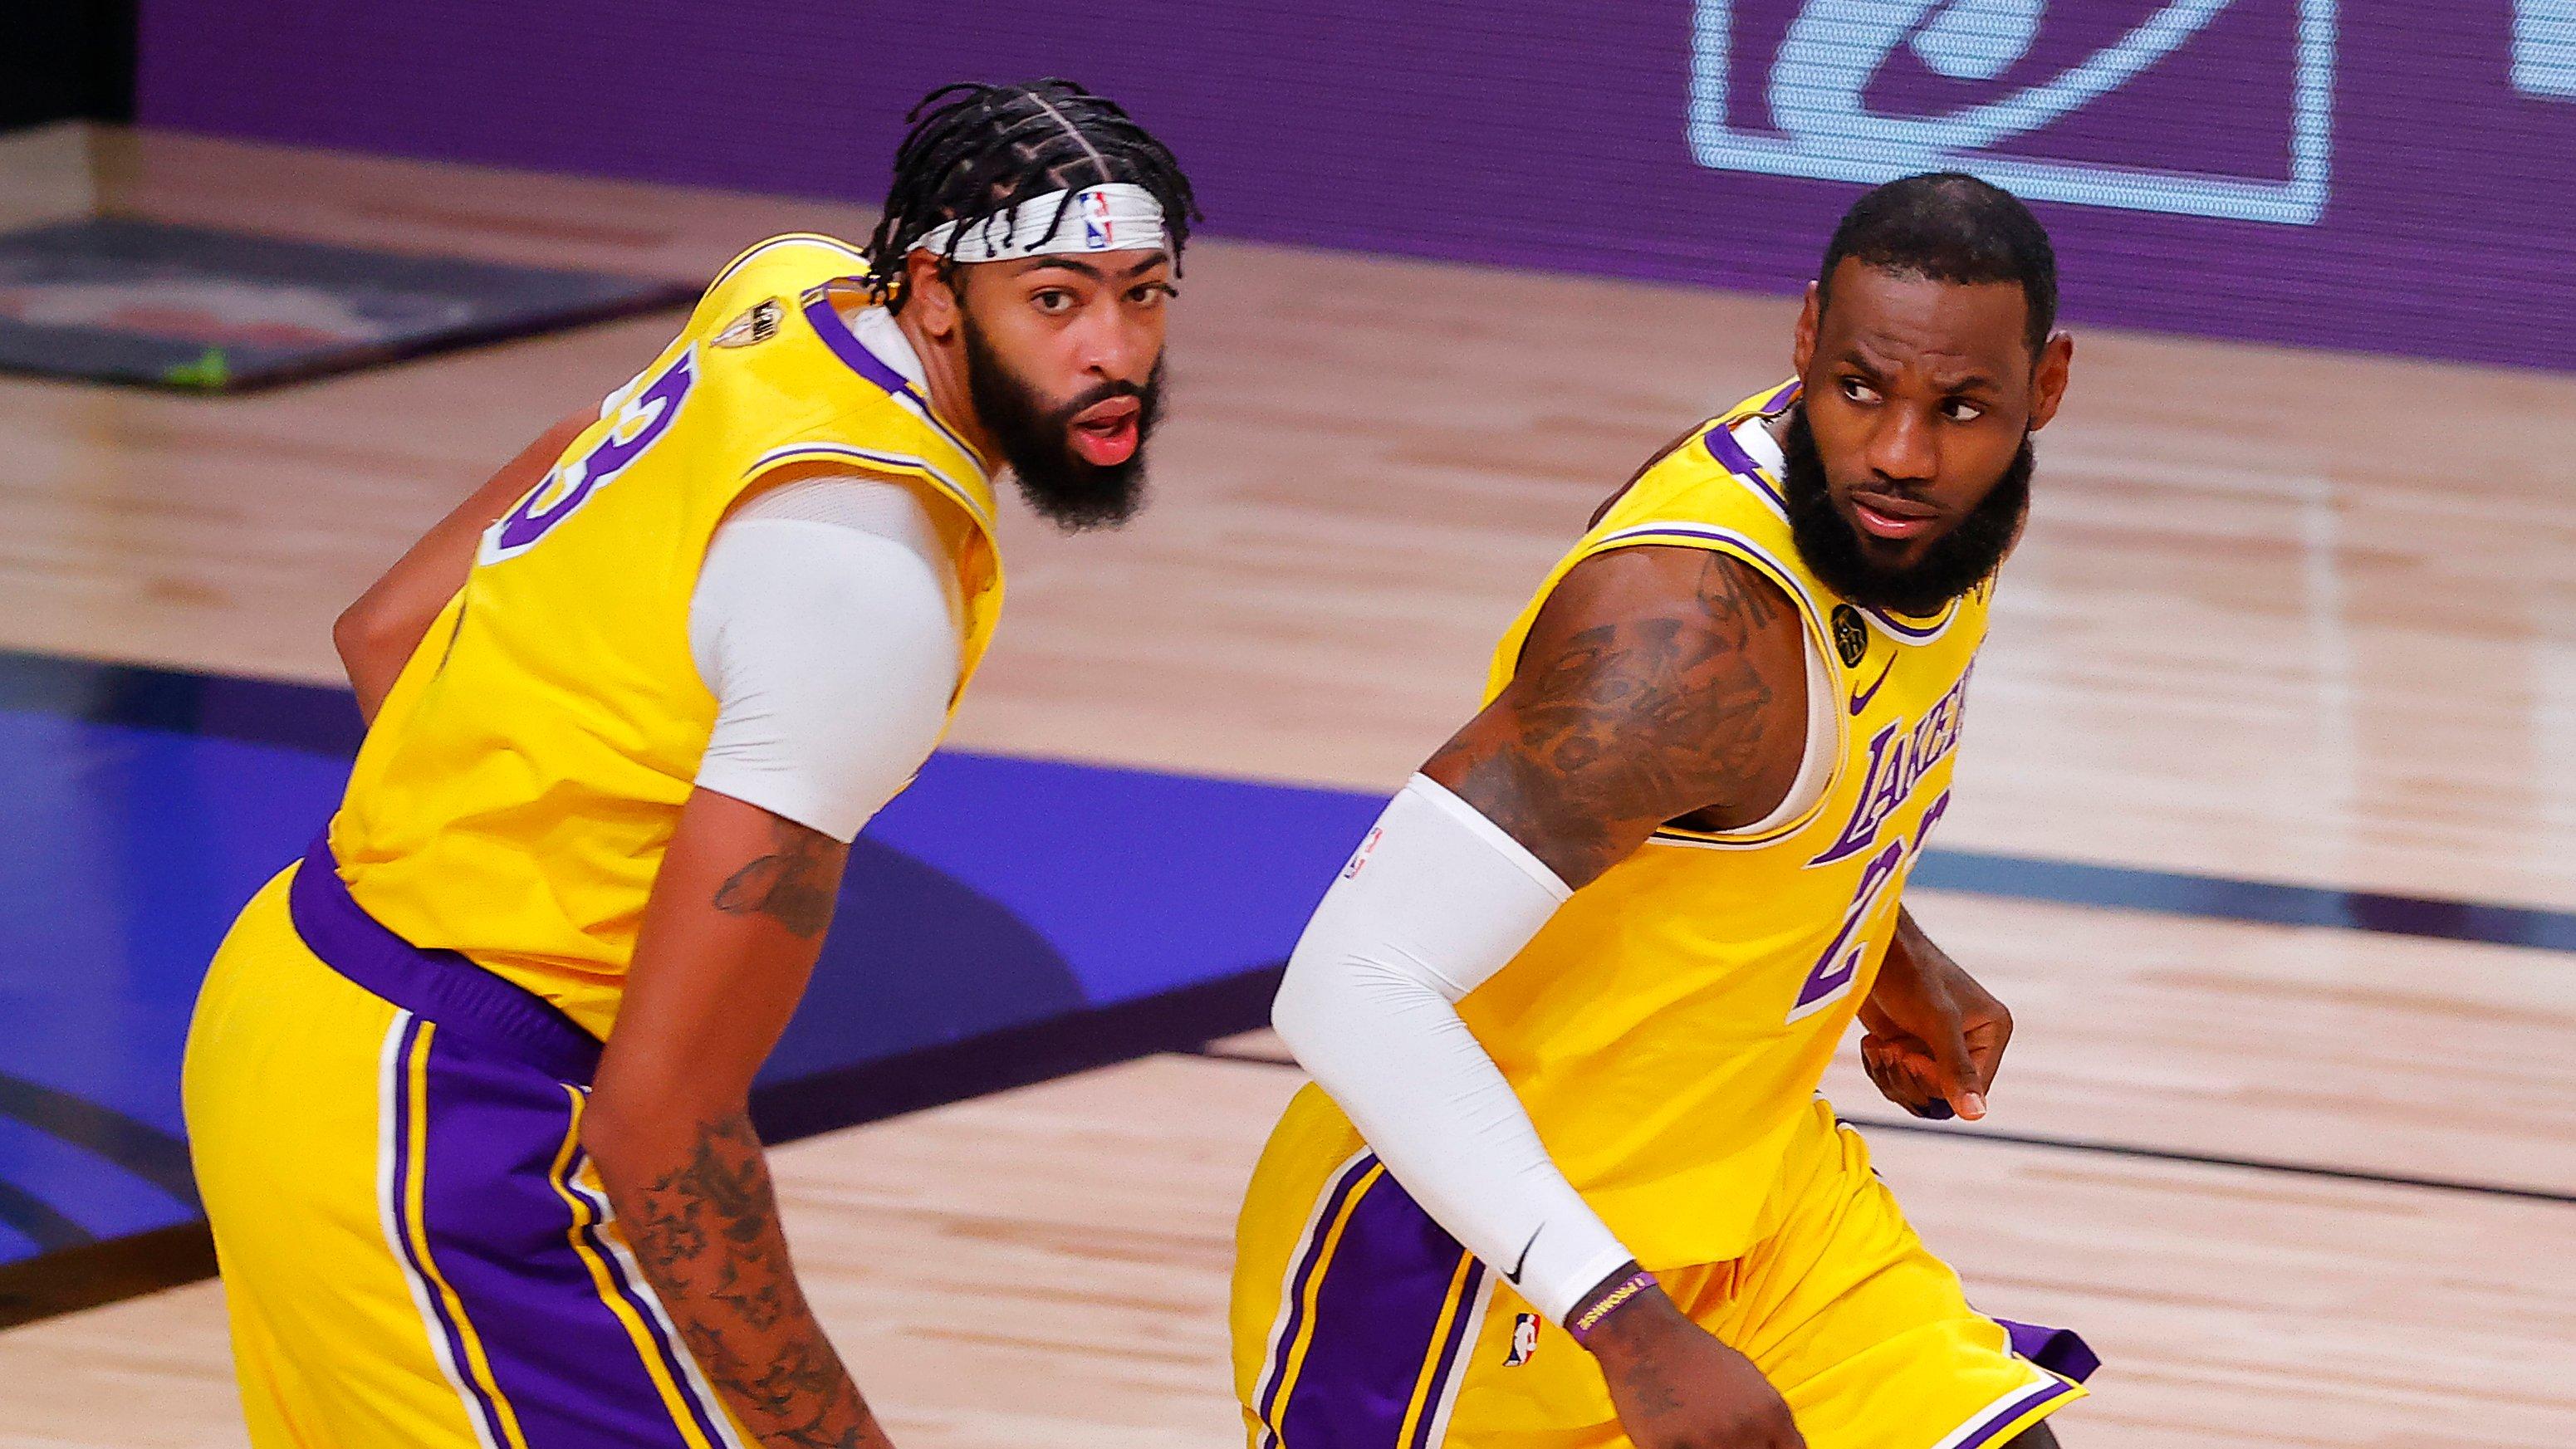 «Лейкерс» уничтожили «Майами» в первой игре финала. Доминировали даже в перерыве